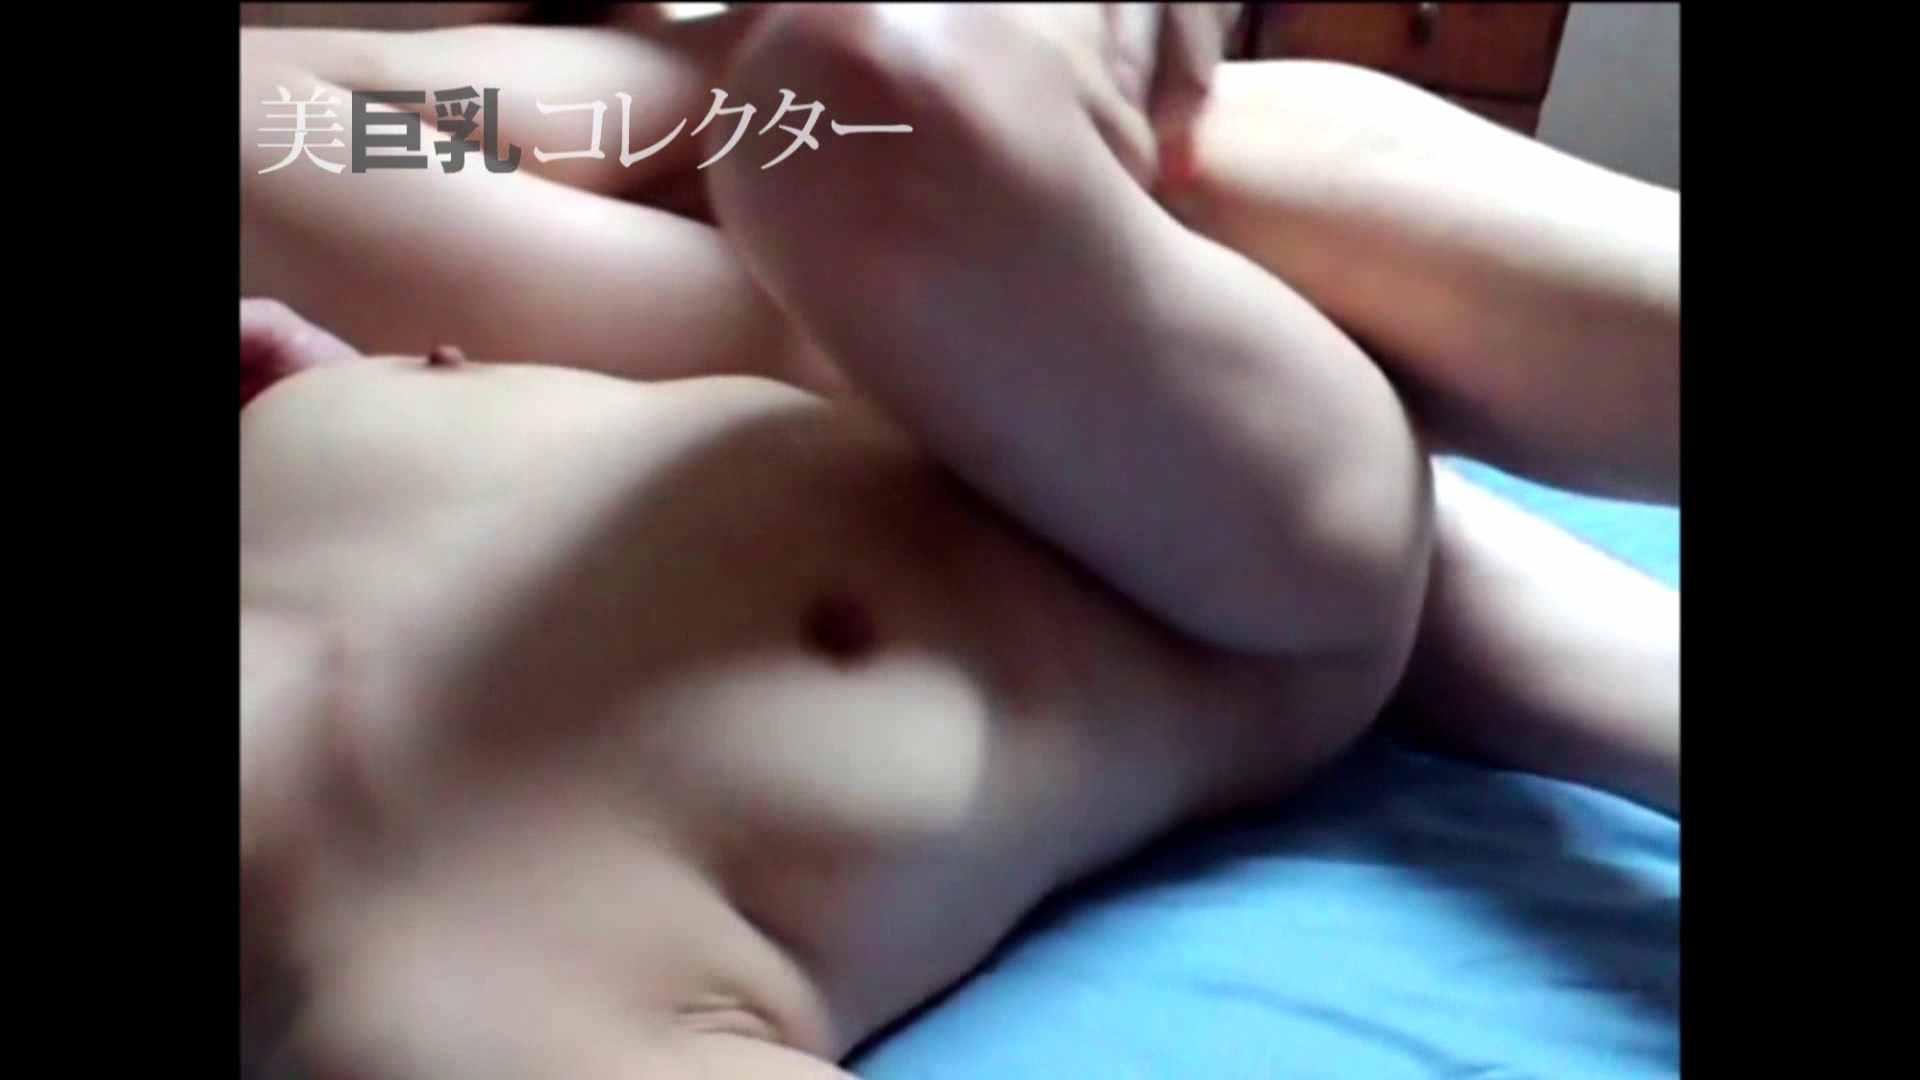 泥酔スレンダー巨乳美女2 美女 | 巨乳  99pic 78